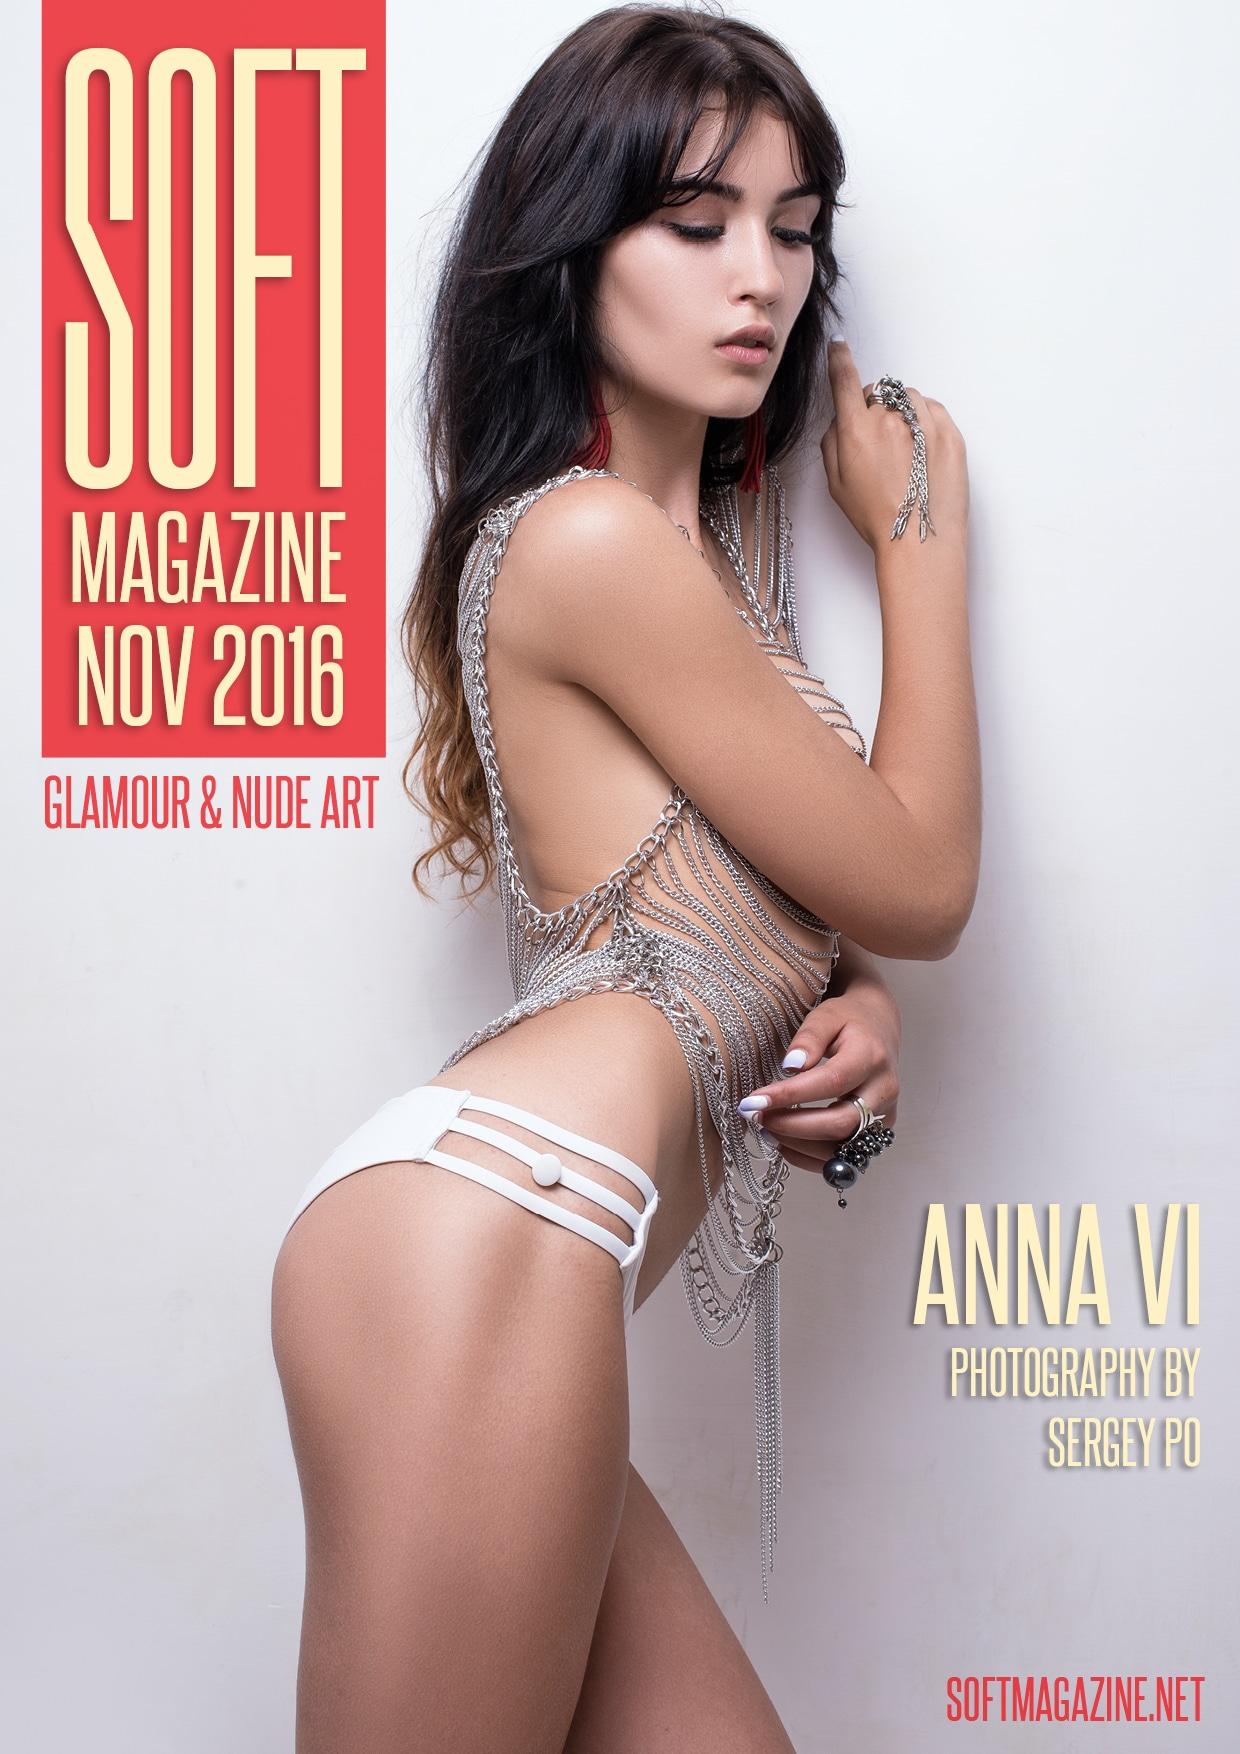 Anna Vi